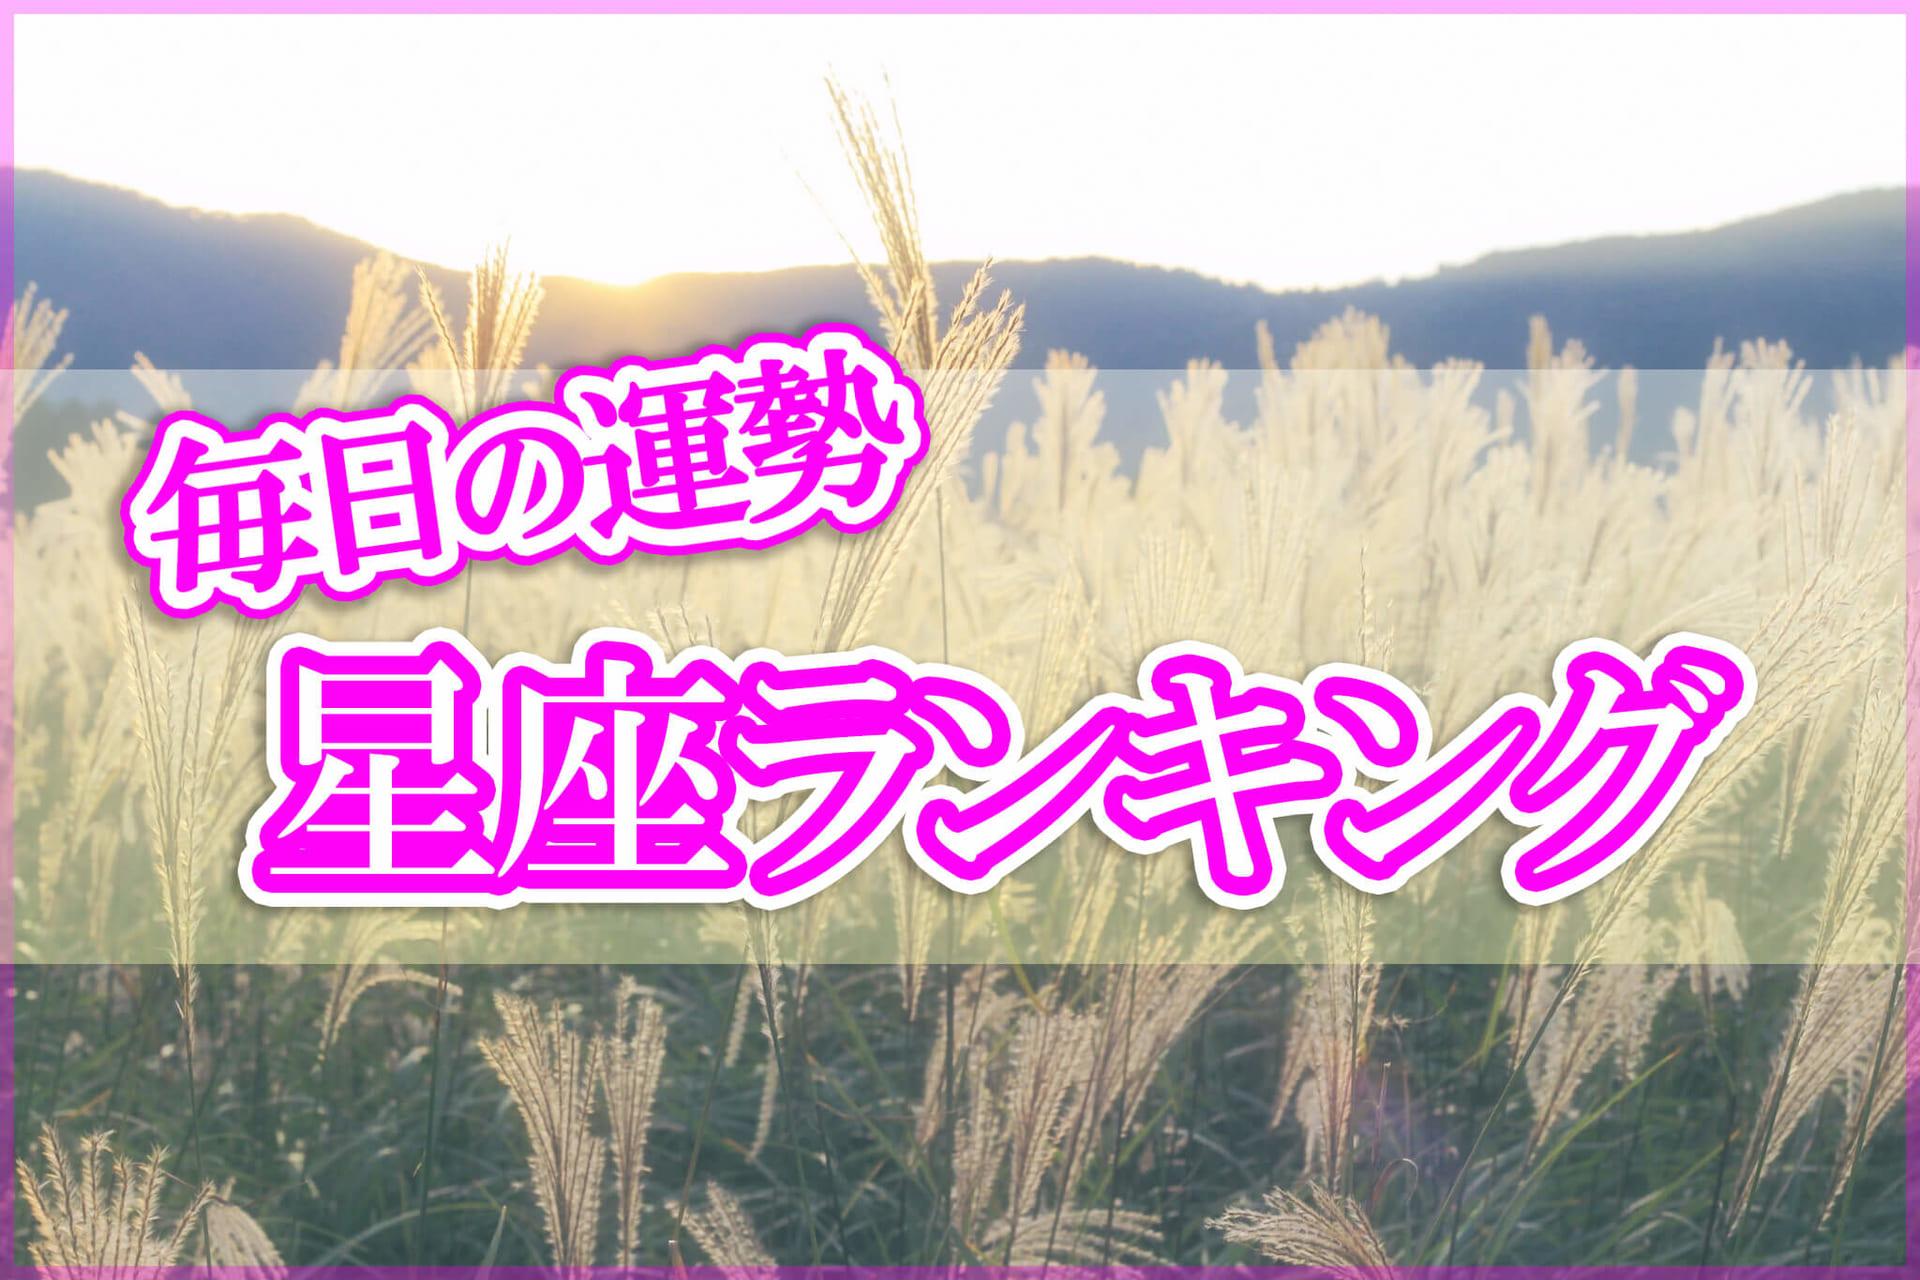 【今日の運勢】12星座ランキング♡アーネラ・ミキの毎日占い*2020年10月18日